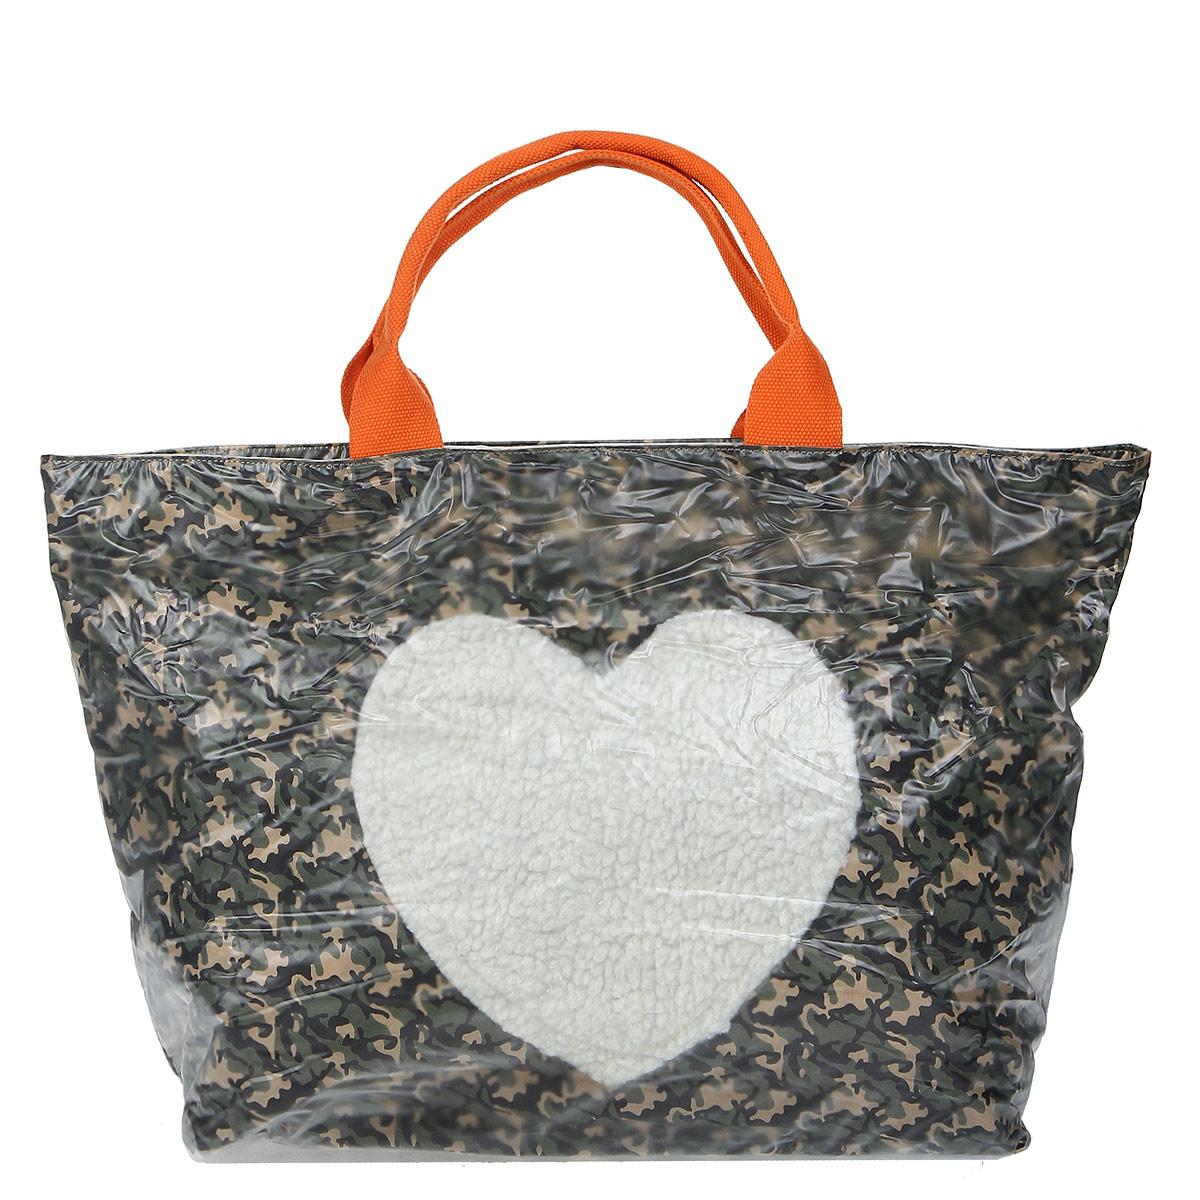 Сумка женская Fancy Bag, цвет: зеленый. 12-R35767-6512-R35767-65 зелёныйСтильная сумка Fancy Bag нижняя подкладка выполнена из текстиля зеленого цвета, а верхний слой выполнен из прозрачного ПВХ. Сумка имеет одно вместительное отделение, закрывающееся на застежку-молнию. Внутри - вшитый карман на застежке-молнии и два накладных кармана для мобильного телефона и прочих мелочей. На задней стенке сумки расположен дополнительный вшитый карман на застежке-молнии. Сумка оснащена двумя ручками. В комплекте чехол для хранения. Этот стильный аксессуар станет великолепным дополнением вашего образа.